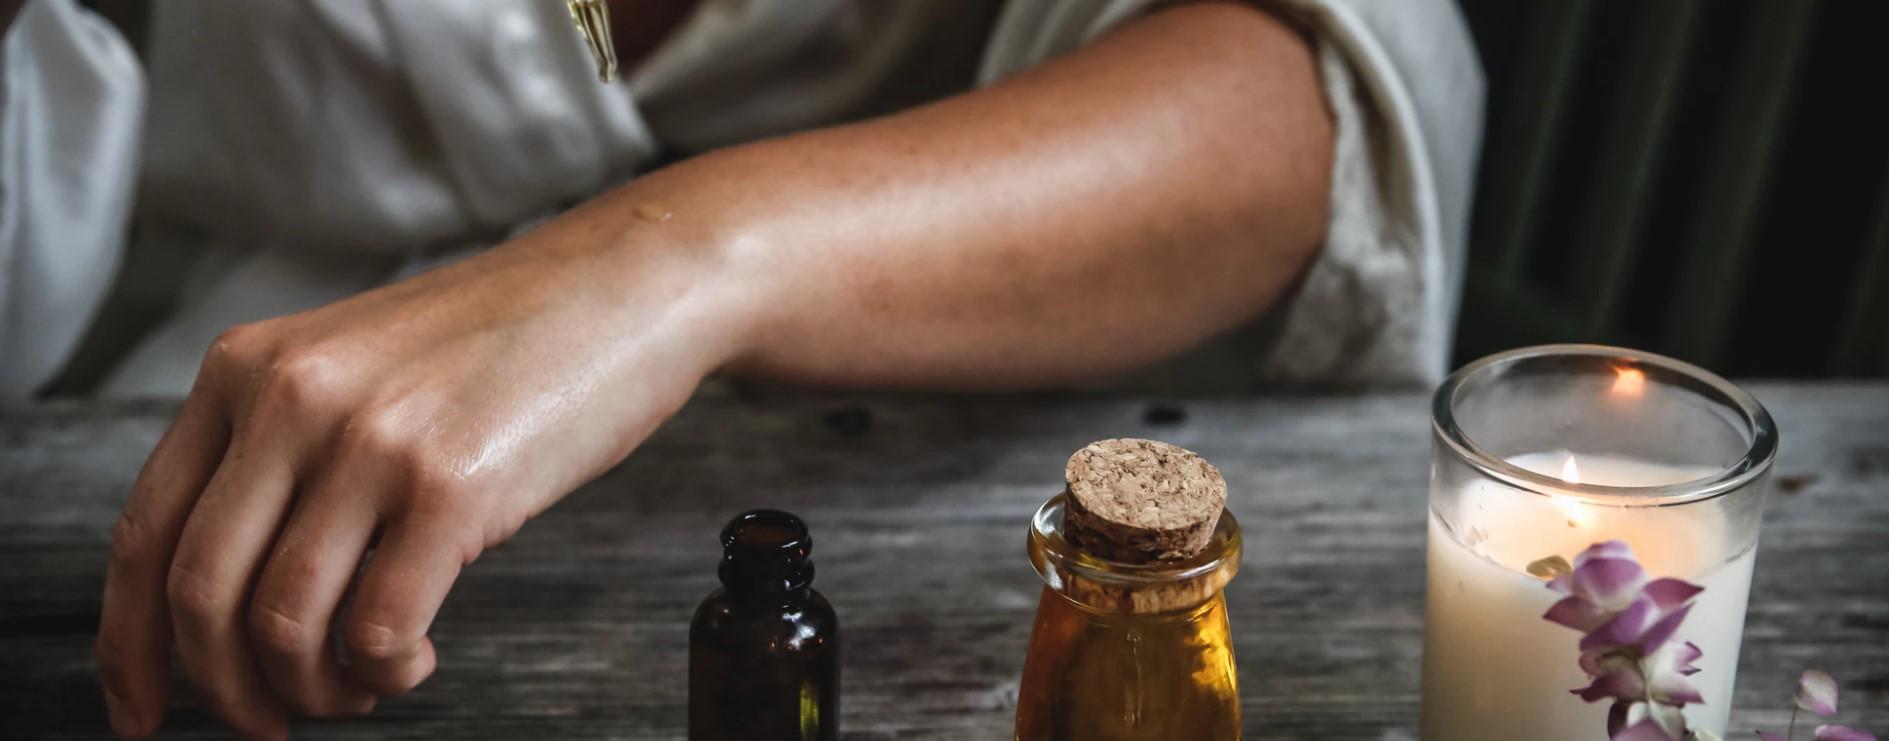 Jak stosować olej konopny?